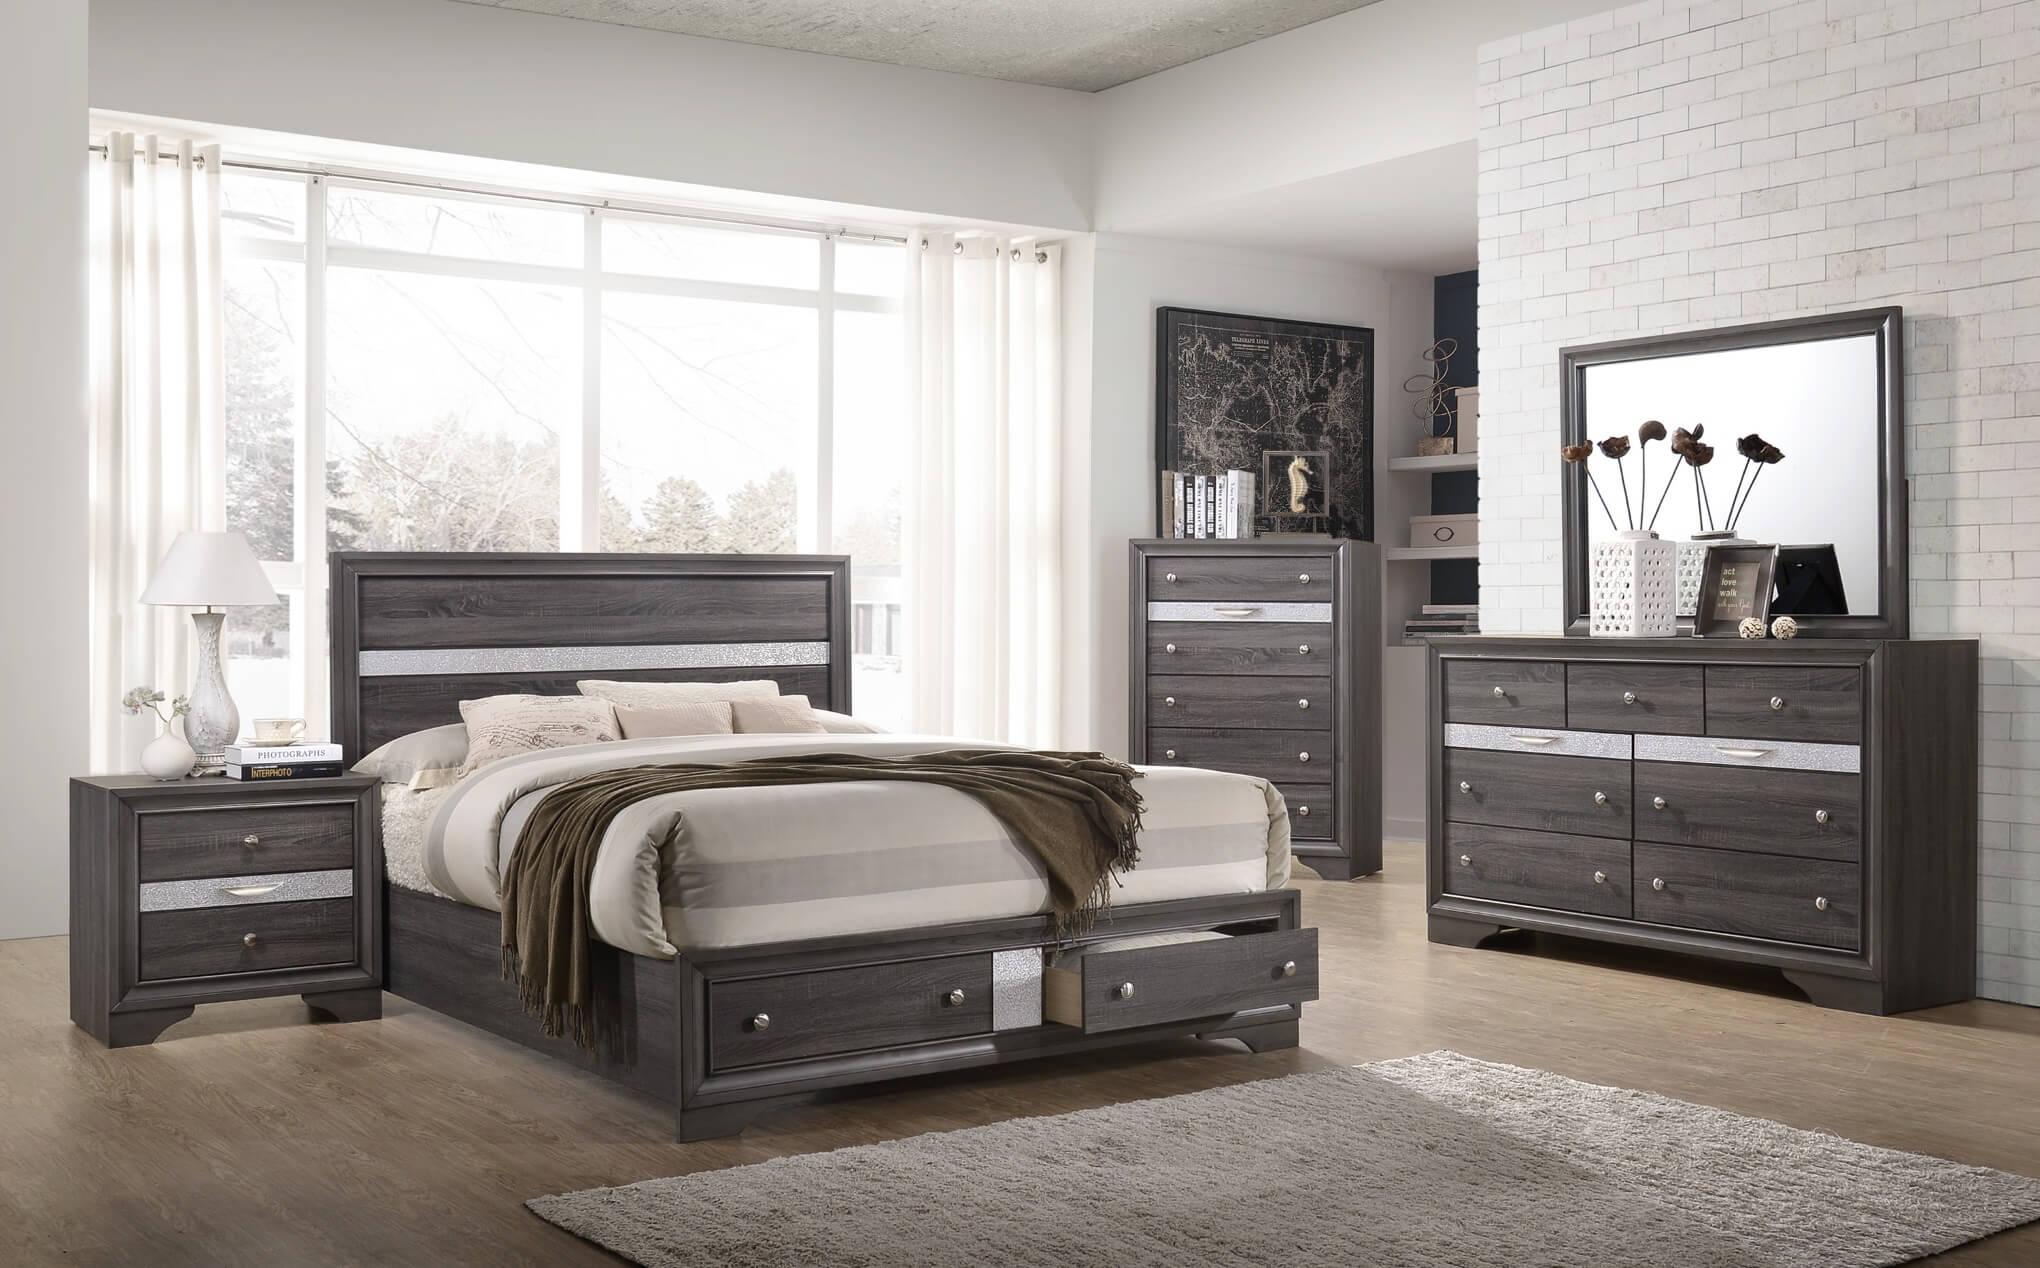 Image of: Regata Grey Storage Bedroom Set Urban Furniture Outlet